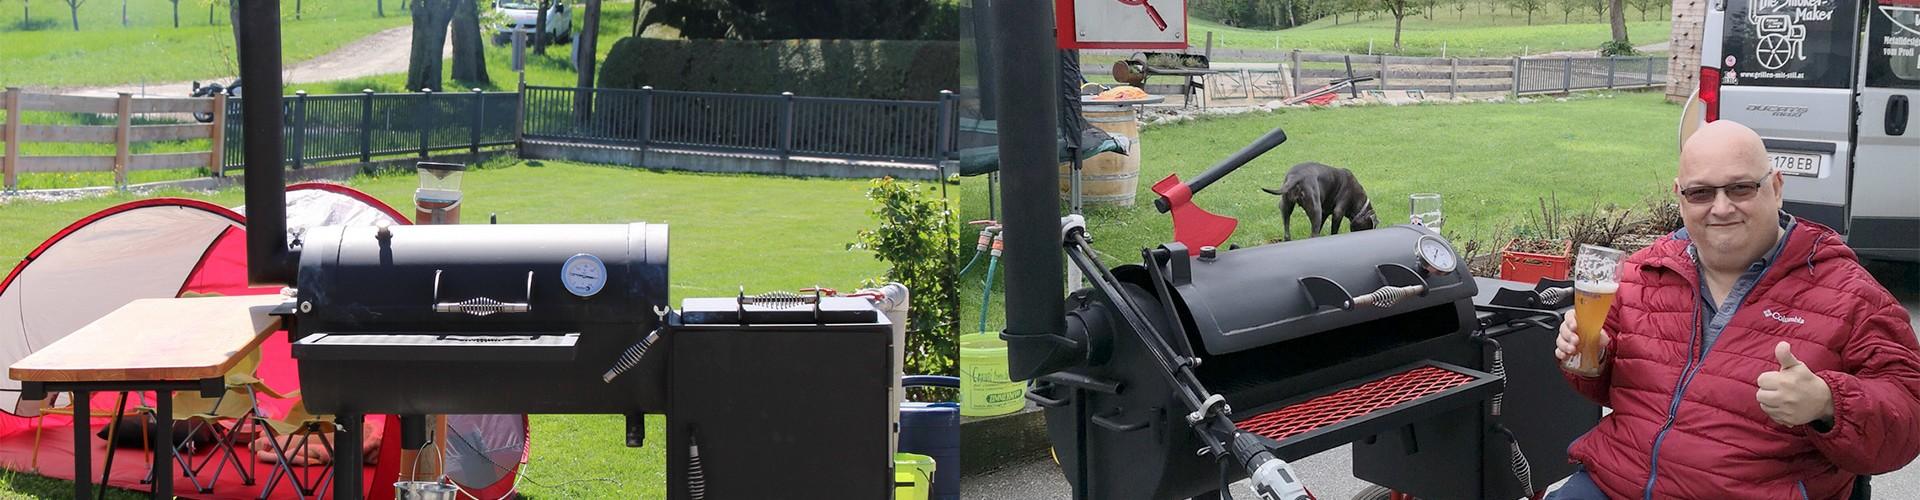 2 Bilder eines schwarzen BBQ Smokers, beim rechten Bild steht noch ein Mann im Rollstuhl, mit Bier in der Hand, daneben und lächelt in die Kamera.